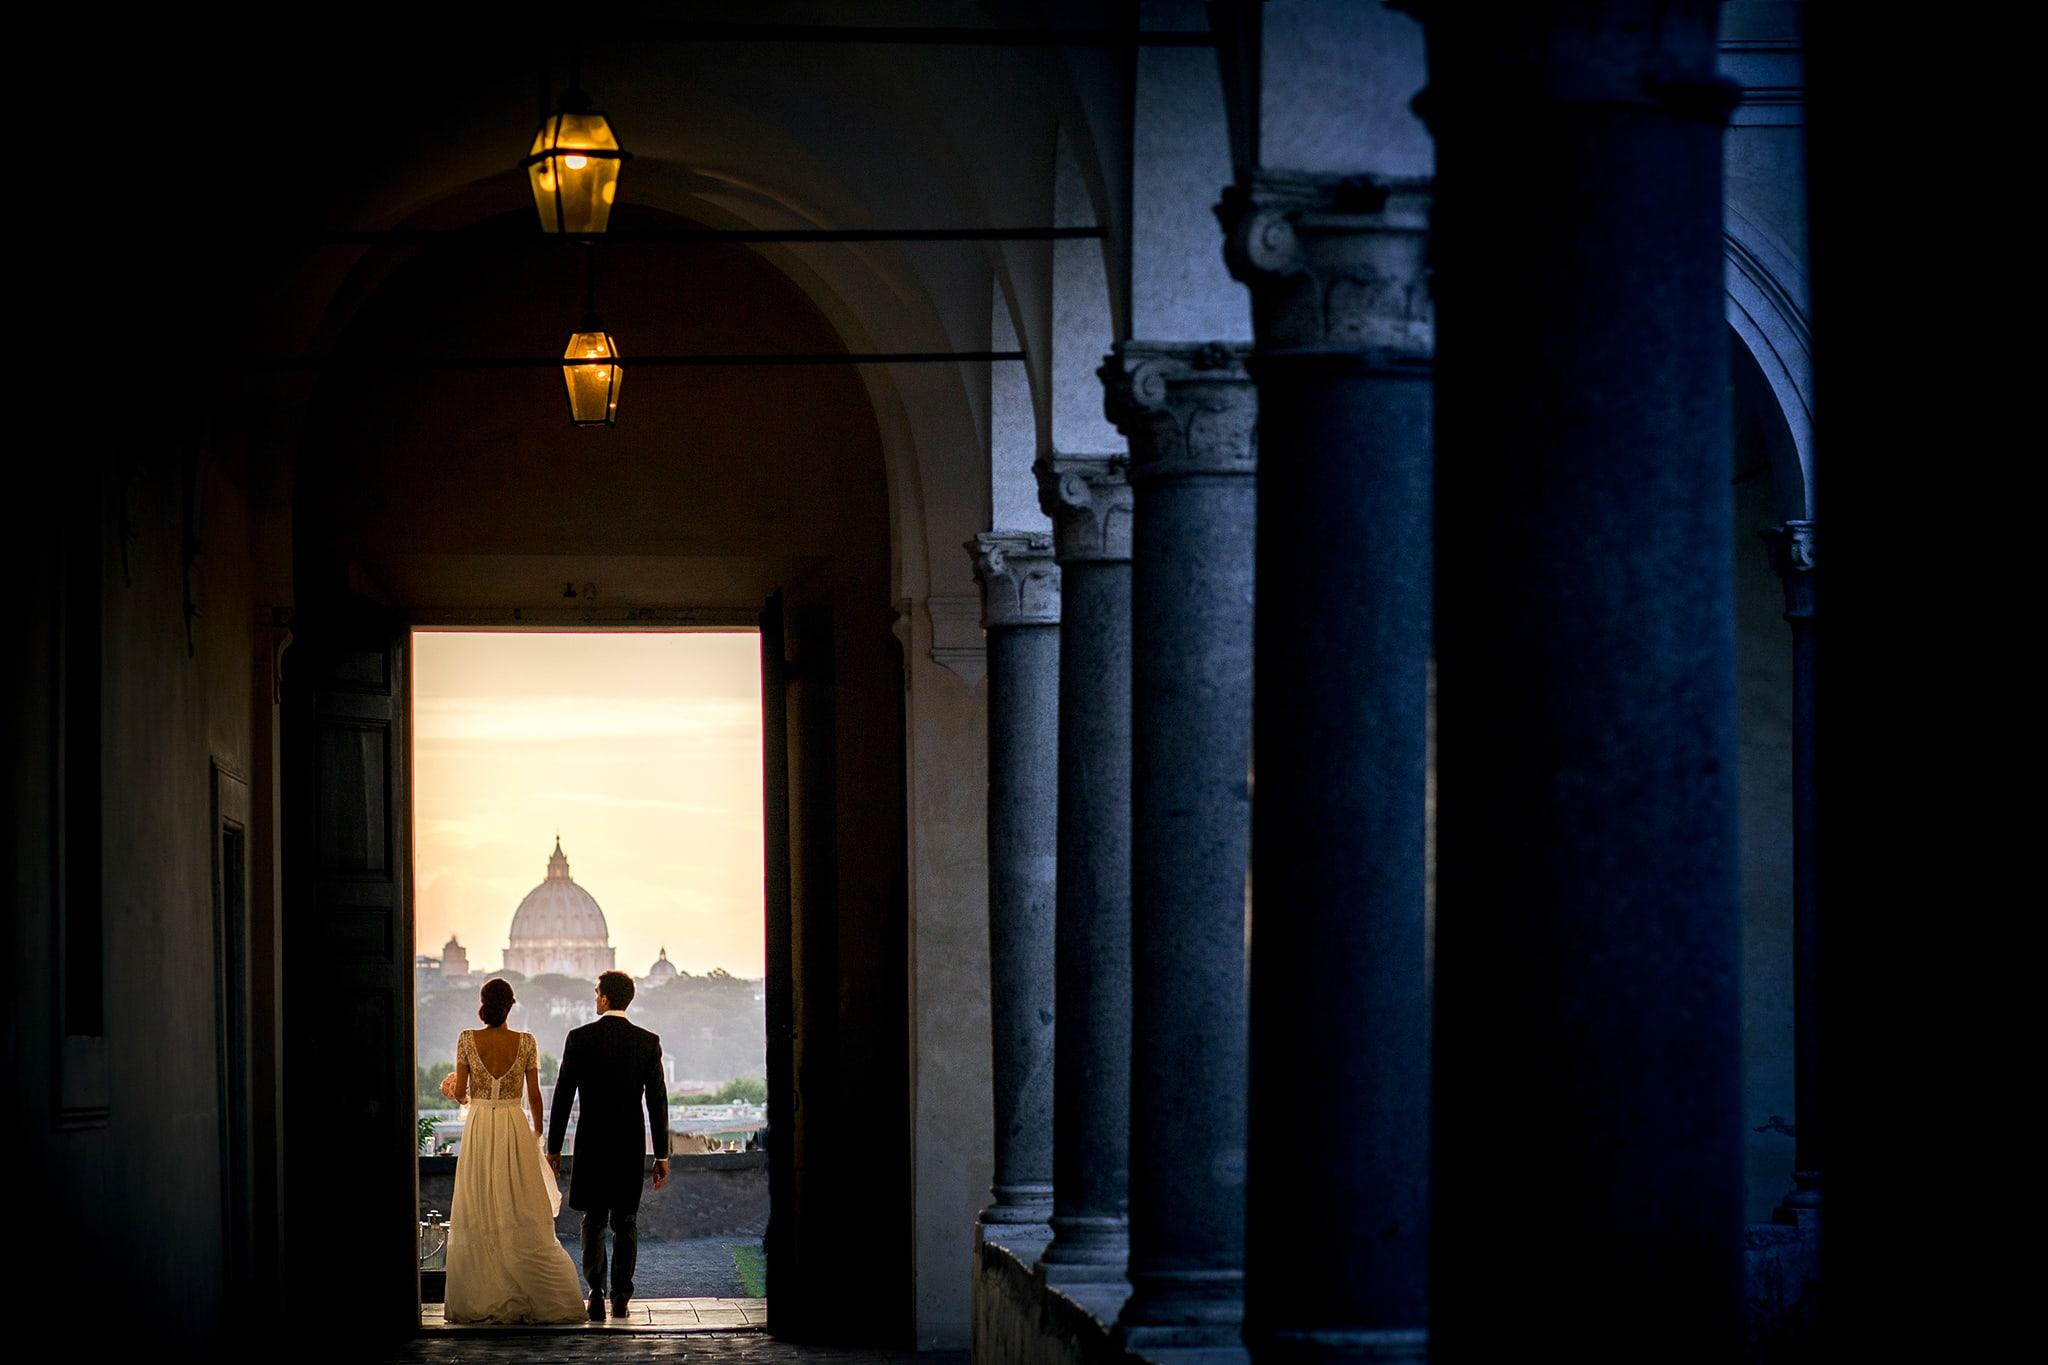 La sposa e lo sposo si tengono per mano nel chiostro dellÕistituto degli studi romani allÕaventino con il cupolone sullo sfondo immagine colta dal miglior fotografo matrimonio roma